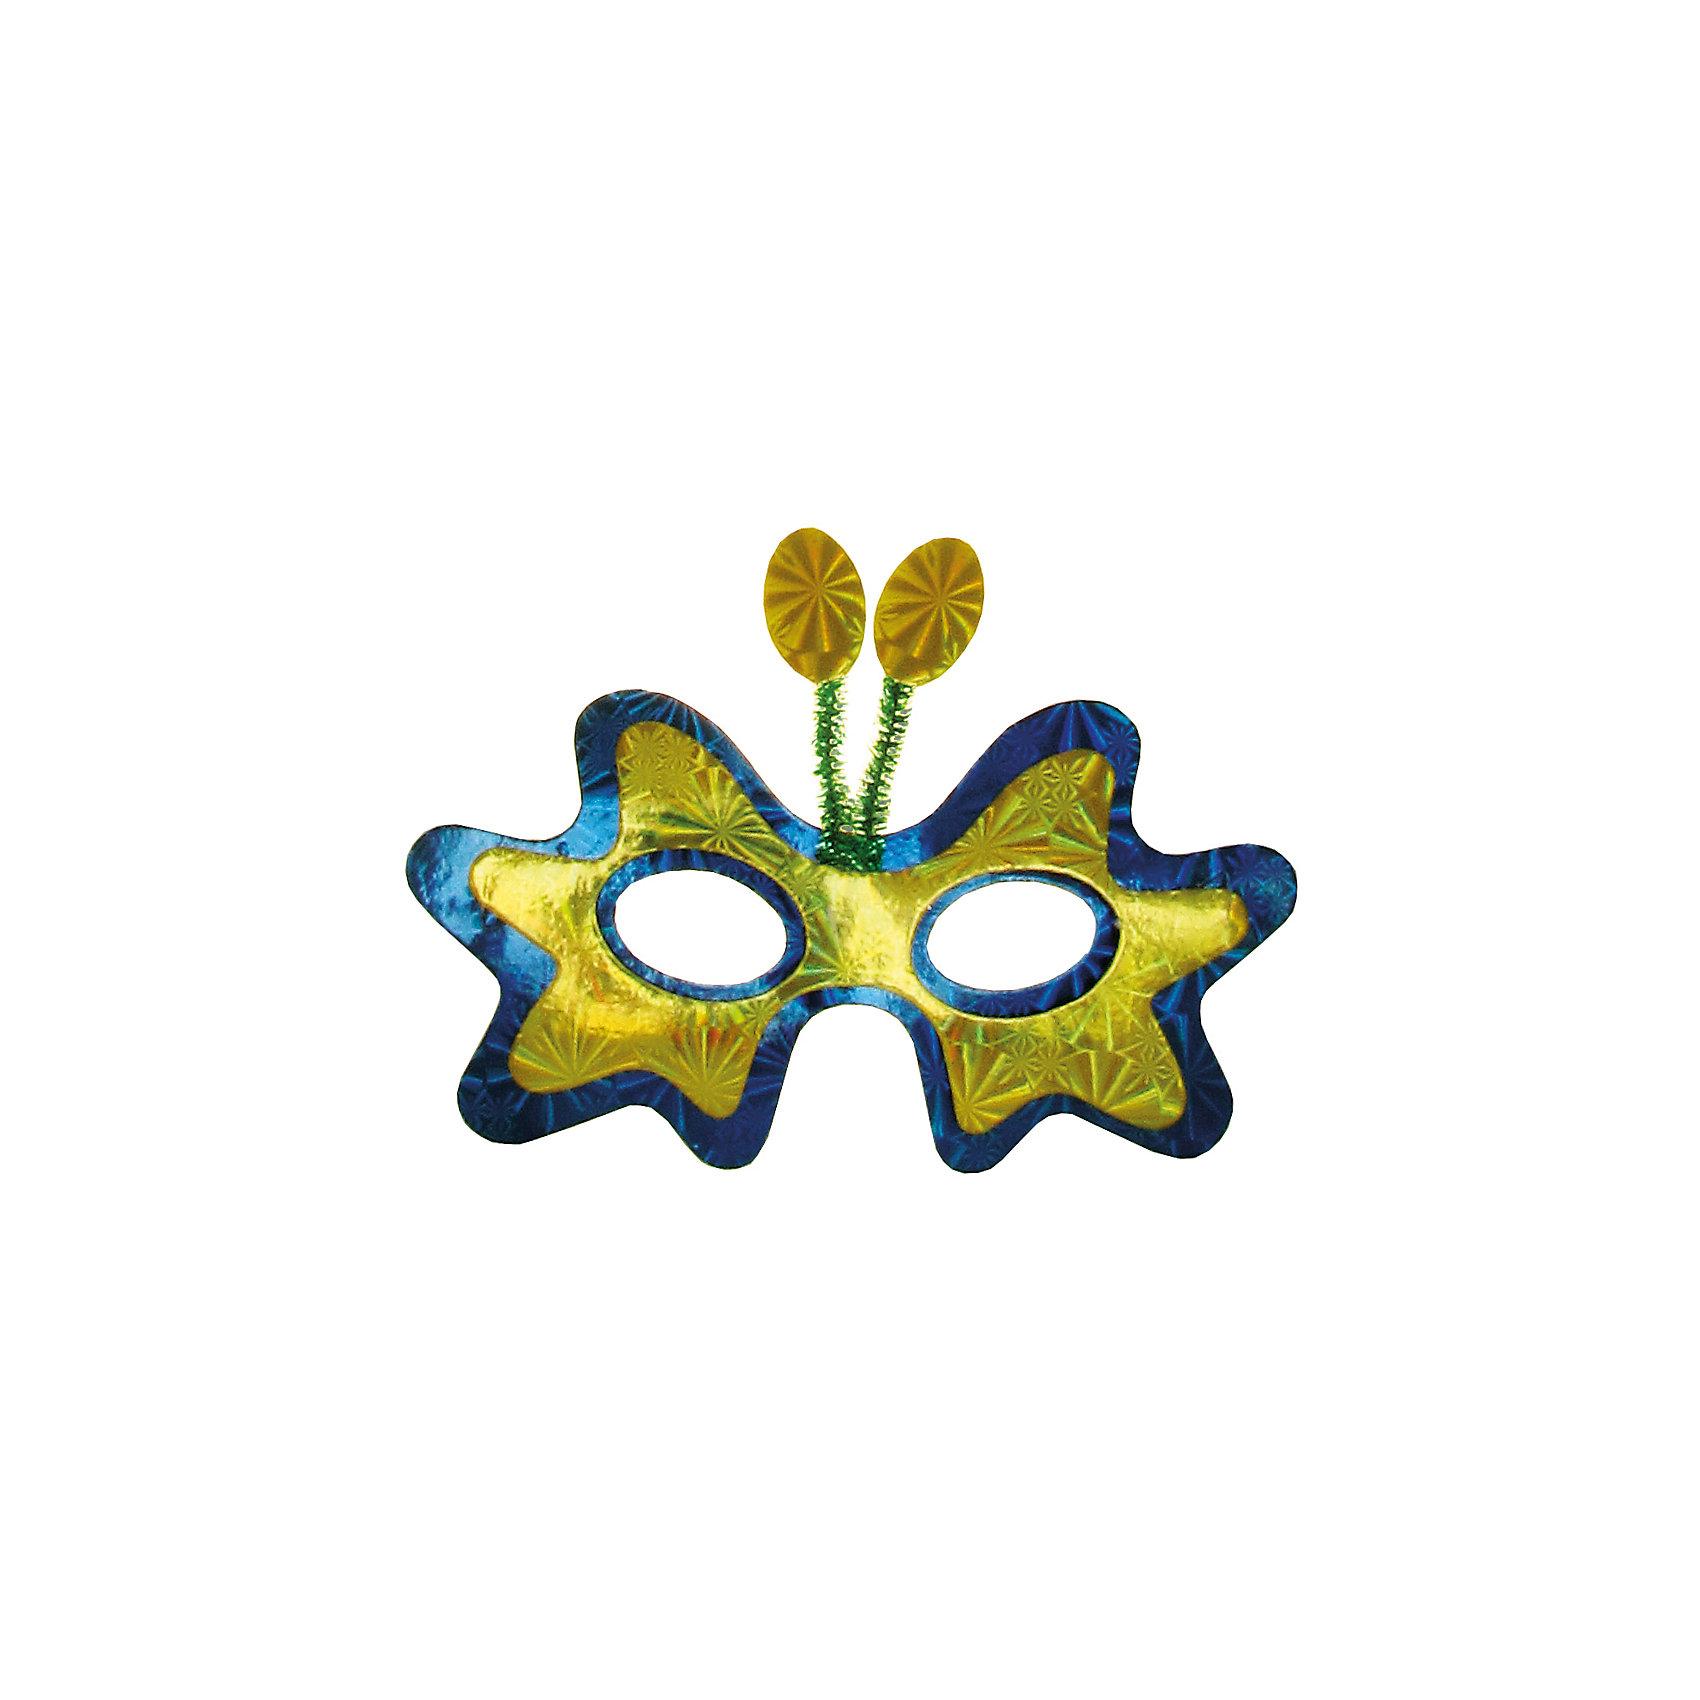 Набор масок Волшебный 6 штНабор масок Волшебный, Marko Ferenzo, станет замечательным дополнением к карнавальным нарядам. В комплекте шесть масок с красивым изысканным дизайном, они подарят праздничное настроение и создадут ощущение волшебства в новогоднюю ночь. Маски изготовлены из мягкого безопасного пластика, фиксируются с помощью резинки.<br><br> Дополнительная информация:<br><br>- В комплекте: 6 шт.<br>- Материал: пластик.<br>- Размер маски: 17 х 20 см.<br>- Размер упаковки: 18 х 15 х 0,5 см.<br>- Вес: 200 гр.<br><br>Набор масок Волшебный 6 шт., Marko Ferenzo, можно купить в нашем интернет-магазине.<br><br>Ширина мм: 170<br>Глубина мм: 200<br>Высота мм: 10<br>Вес г: 200<br>Возраст от месяцев: 36<br>Возраст до месяцев: 2147483647<br>Пол: Унисекс<br>Возраст: Детский<br>SKU: 4418883